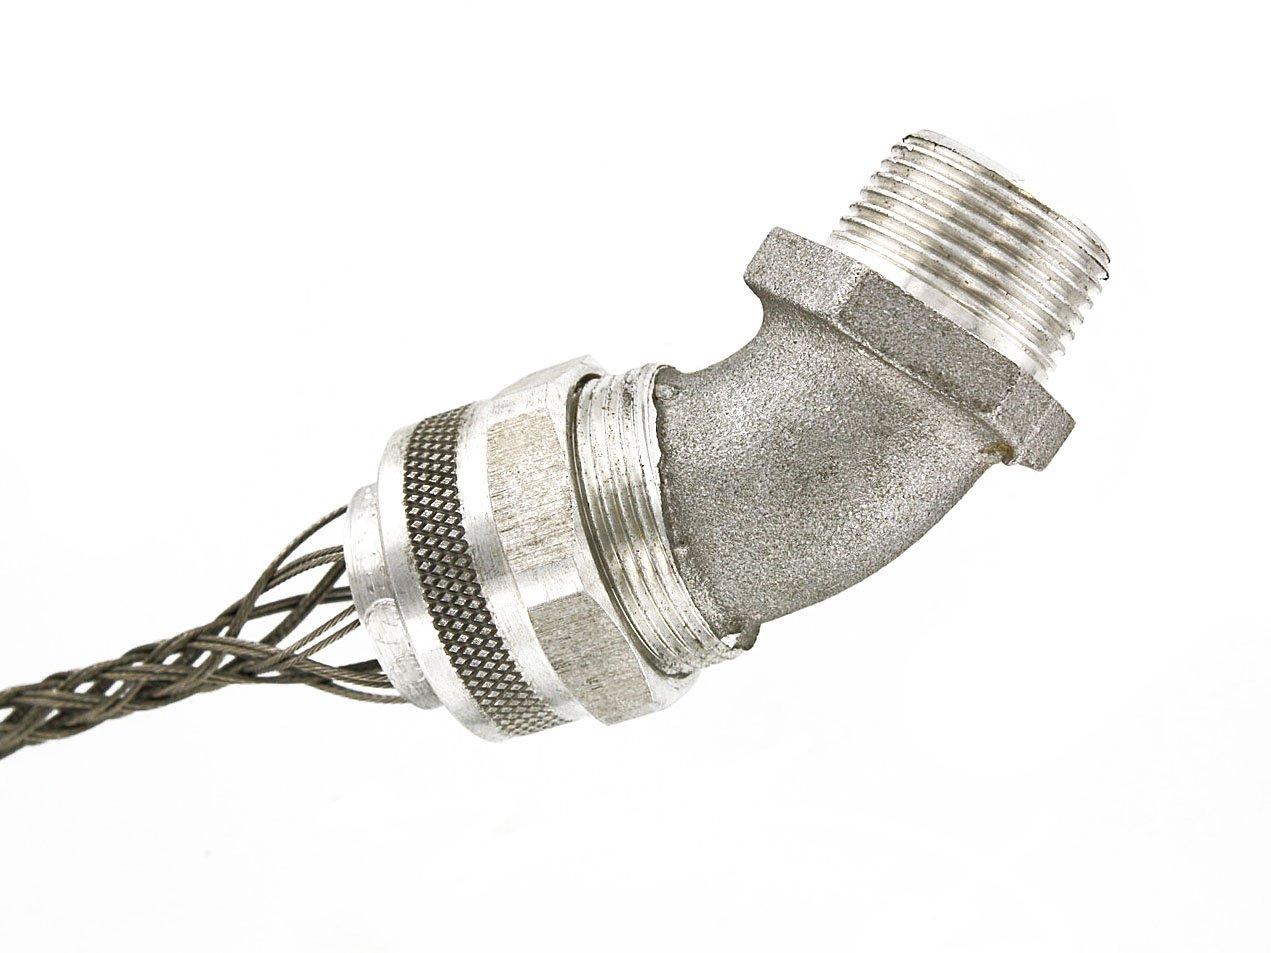 Leviton L7803 1/2-Inch, 45-Degree, Male, Aluminum Body, Deluxe Cord Sealing Strain-Relief.375 to .500 Cord Range